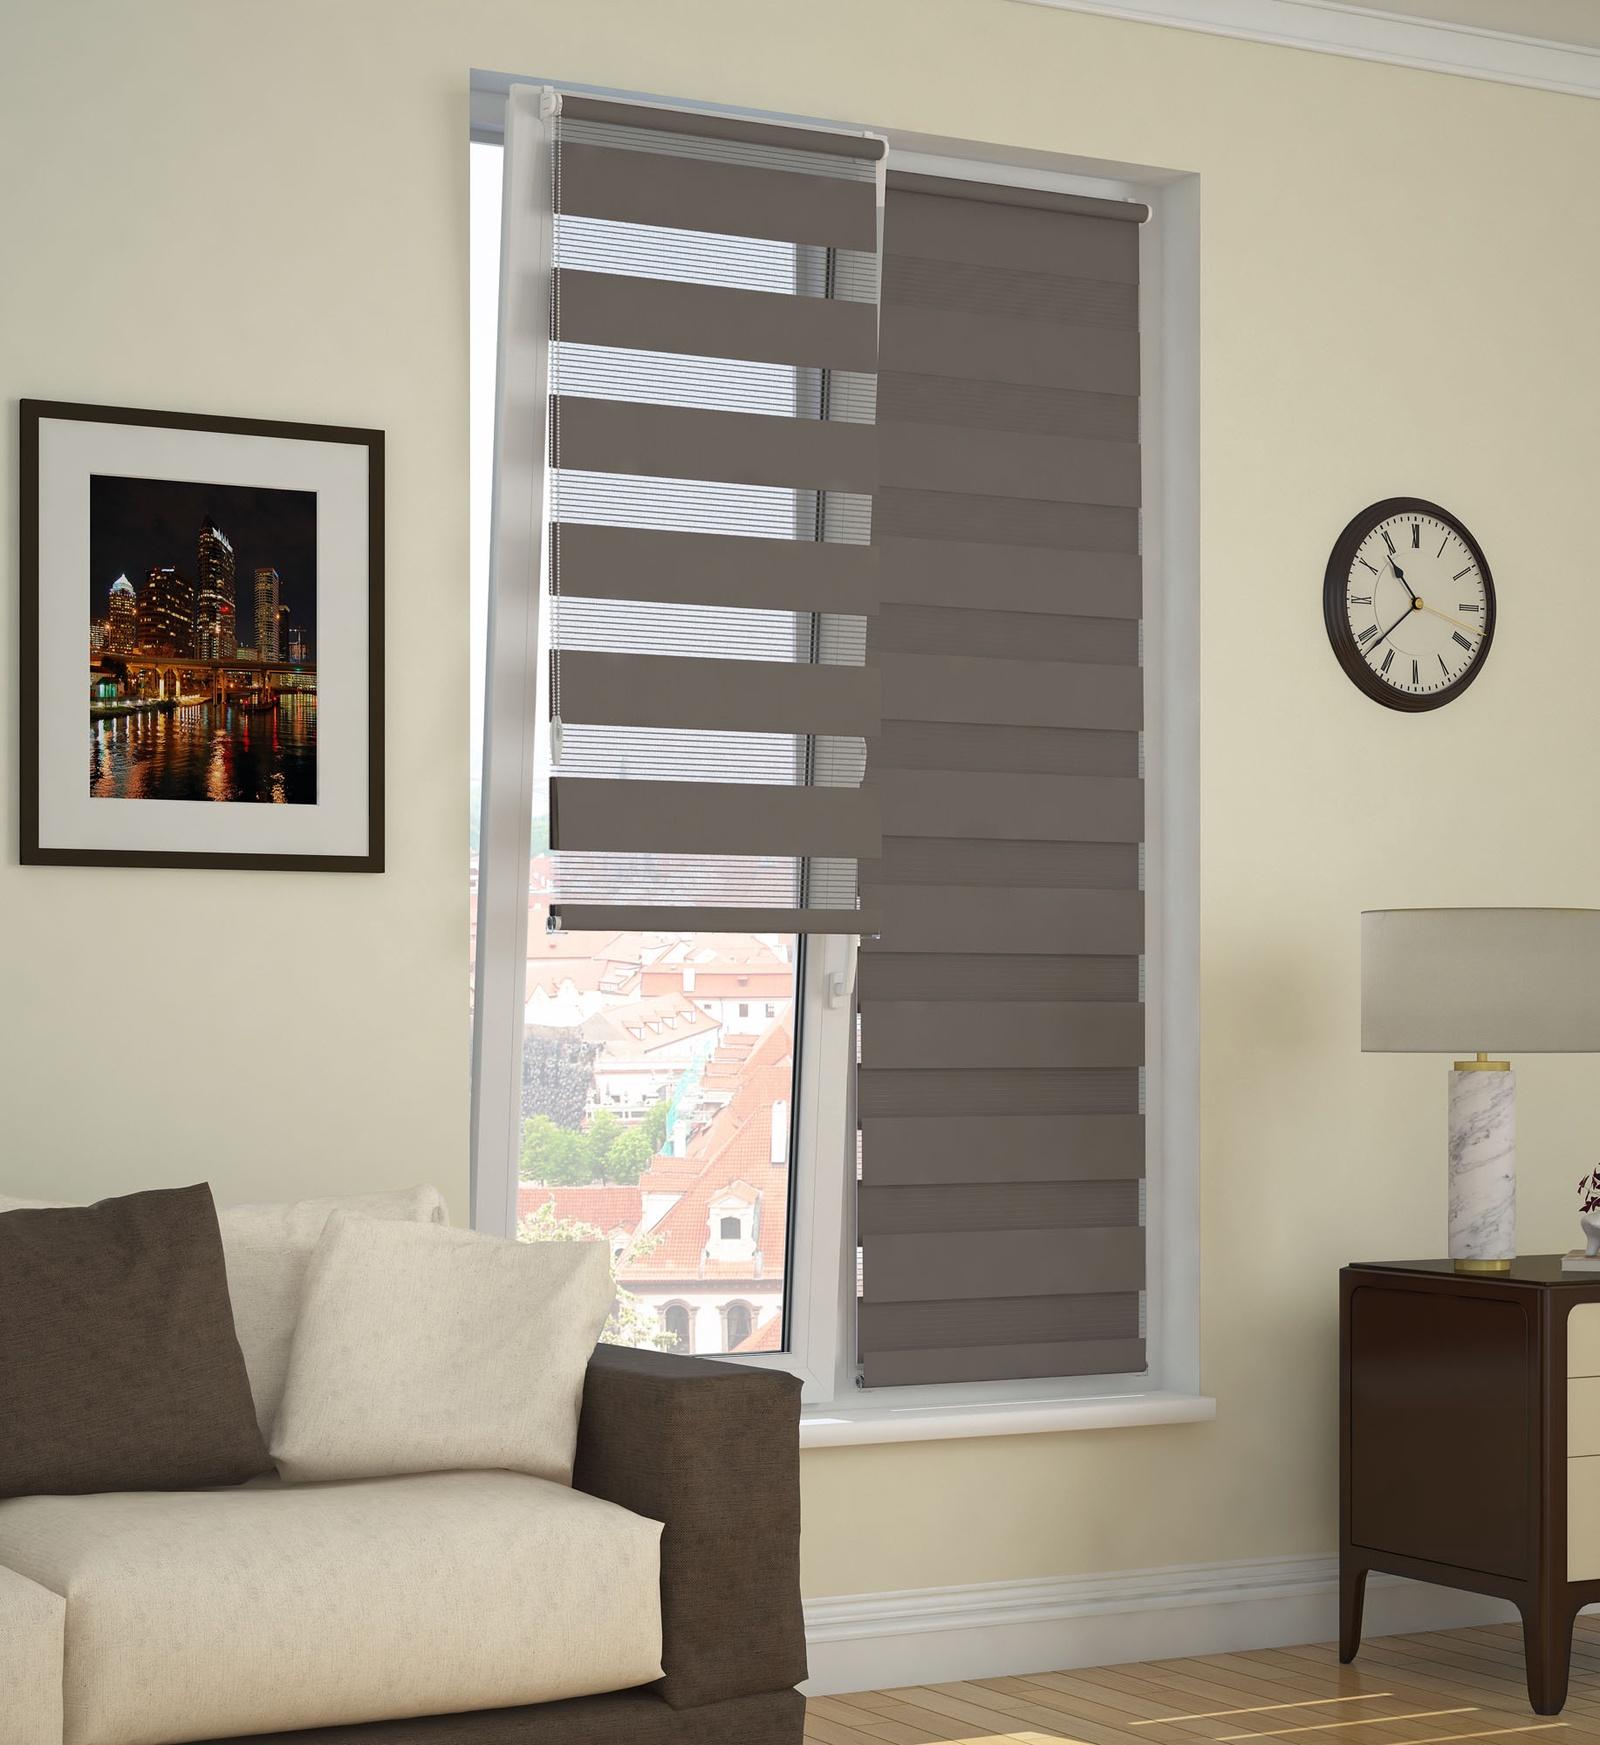 Фото - Рулонные шторы DDA 71080, коричневый рулонные шторы dda прованс принт 48x170 см